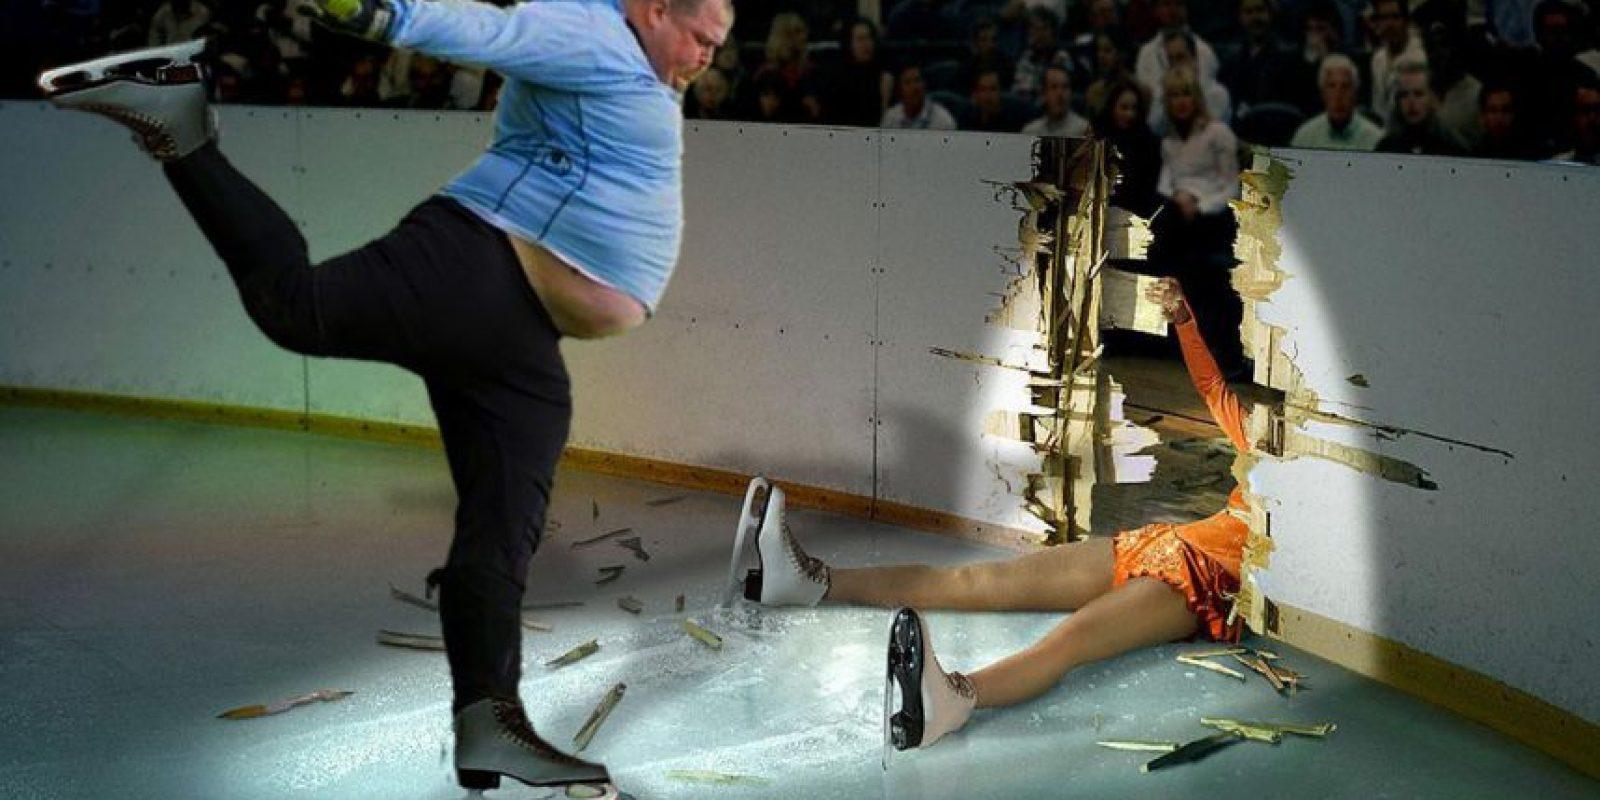 Parece que hubo un accidente. Foto:reddit.com